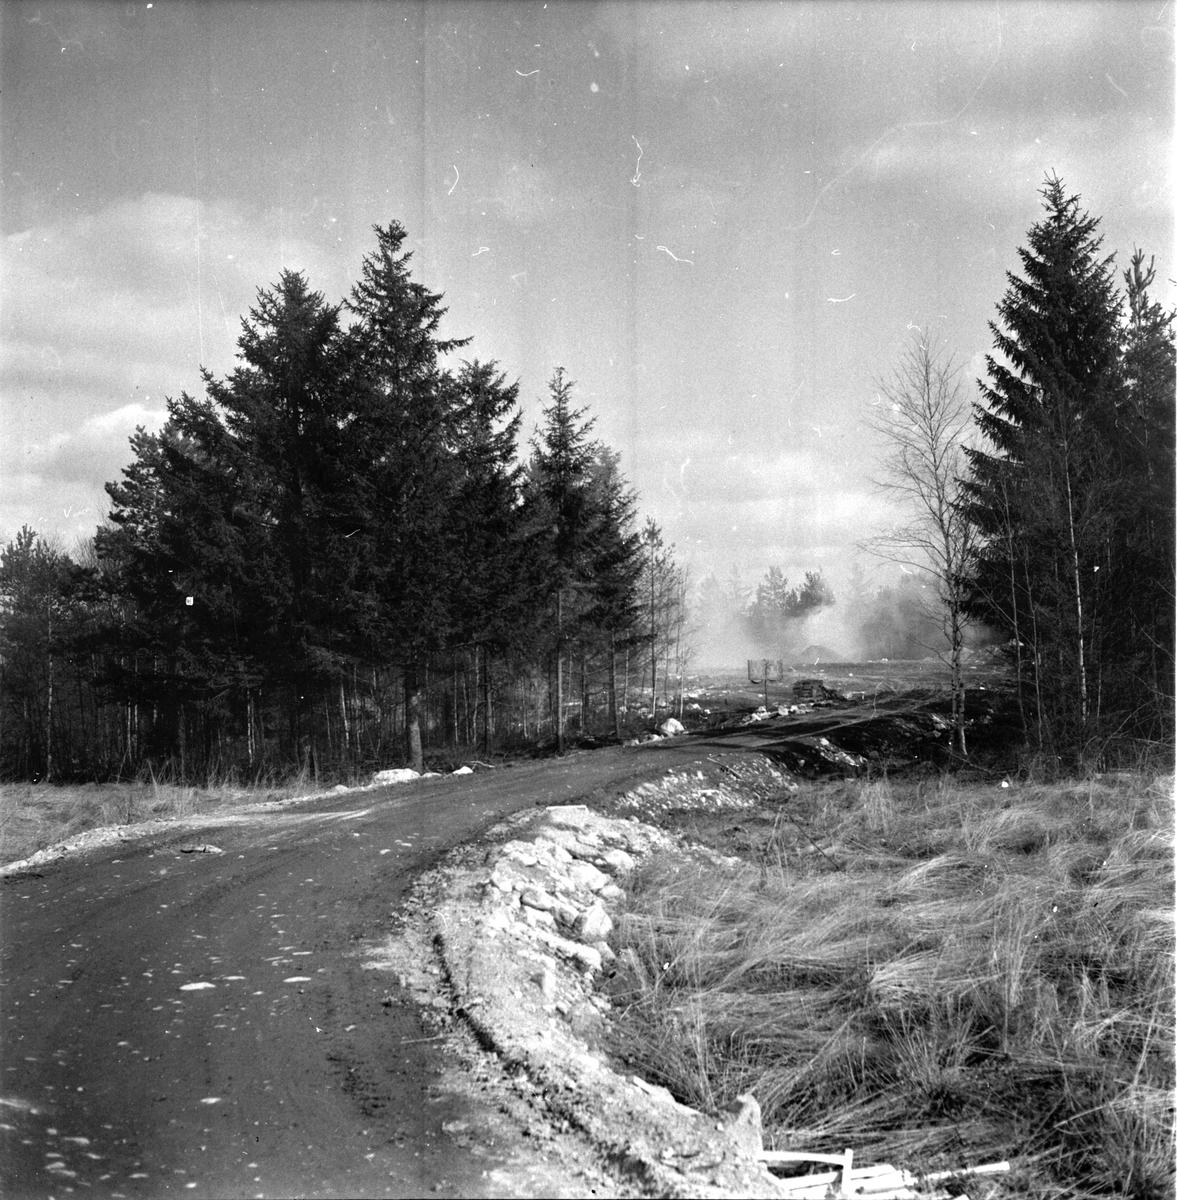 Edsbyn, Sopstation EIA, 7 April 1965